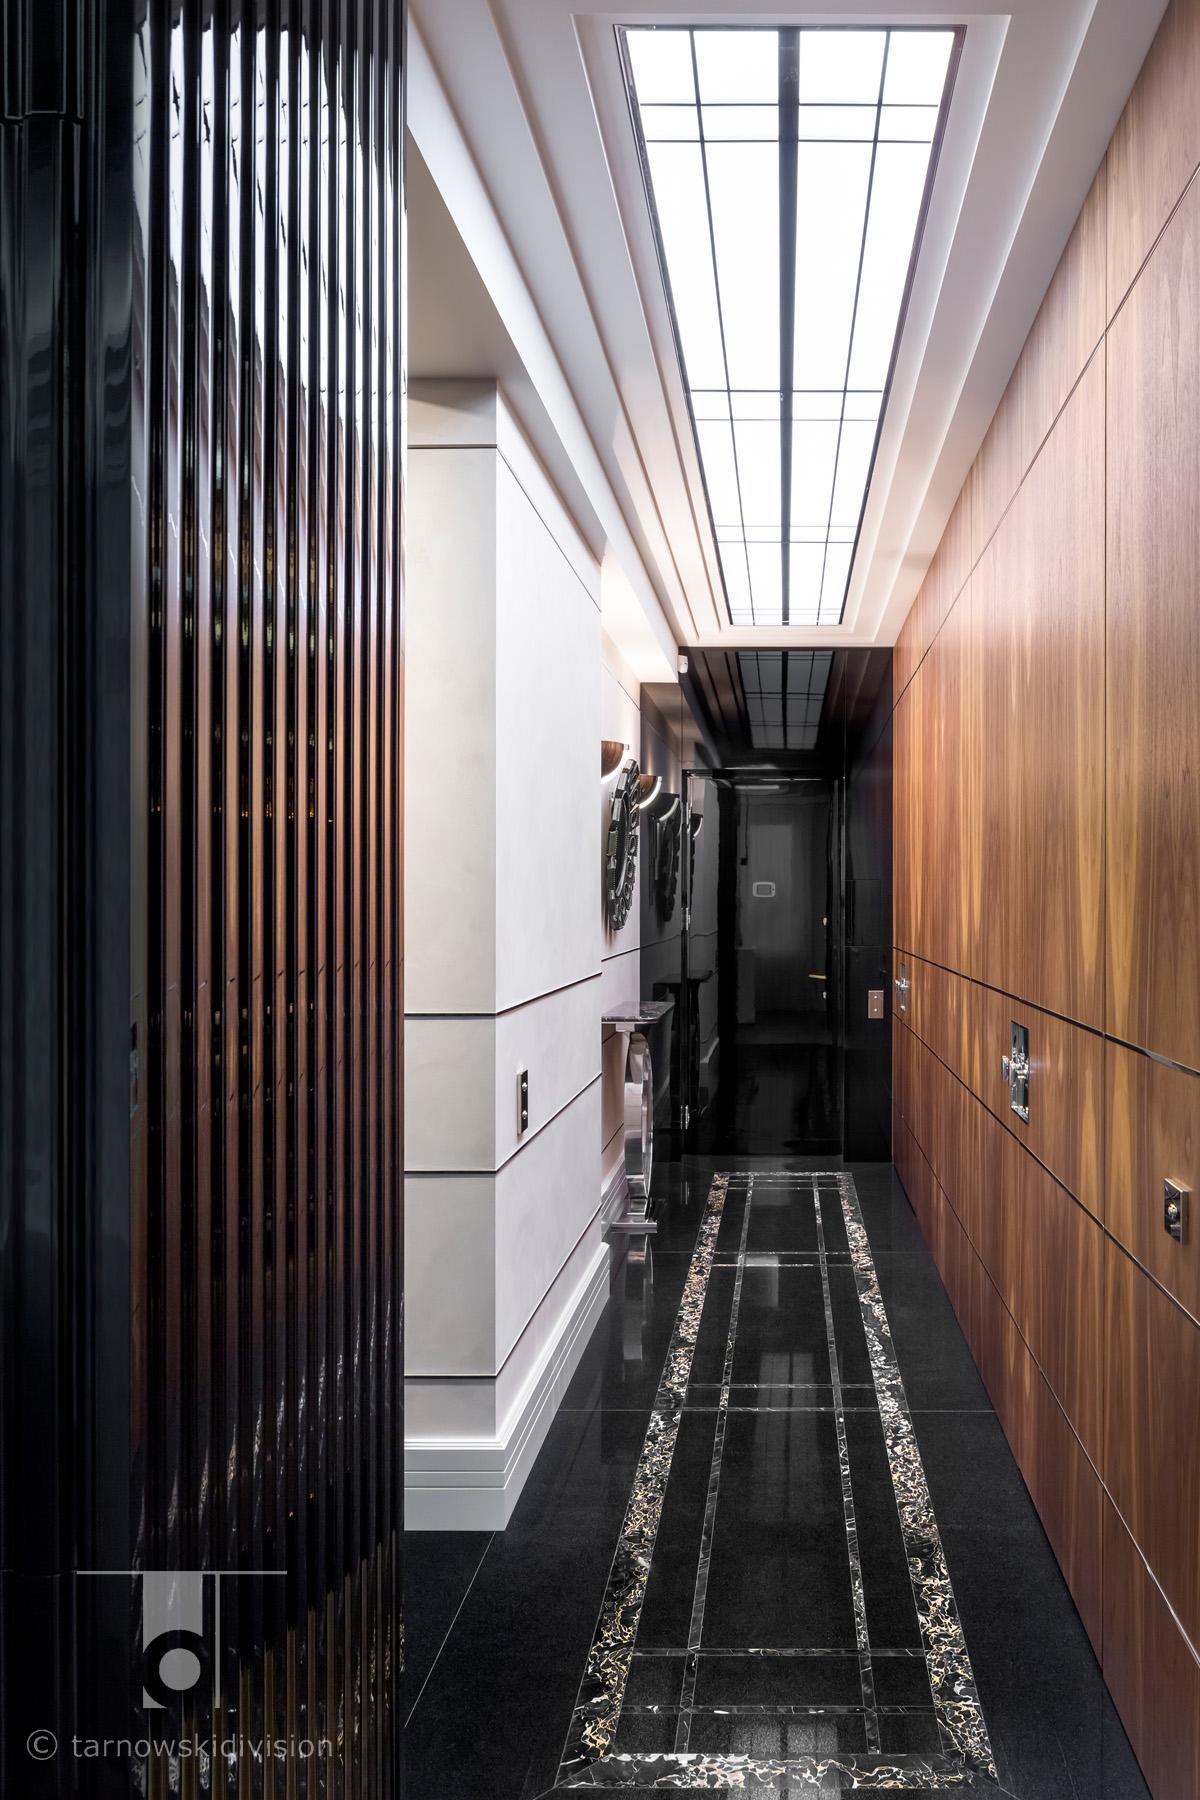 luksusowe wnętrza ekskluzywne wnętrze eleganckie wnętrze art deco hol lobby elegancki apartament luxury interio_tarnowski division